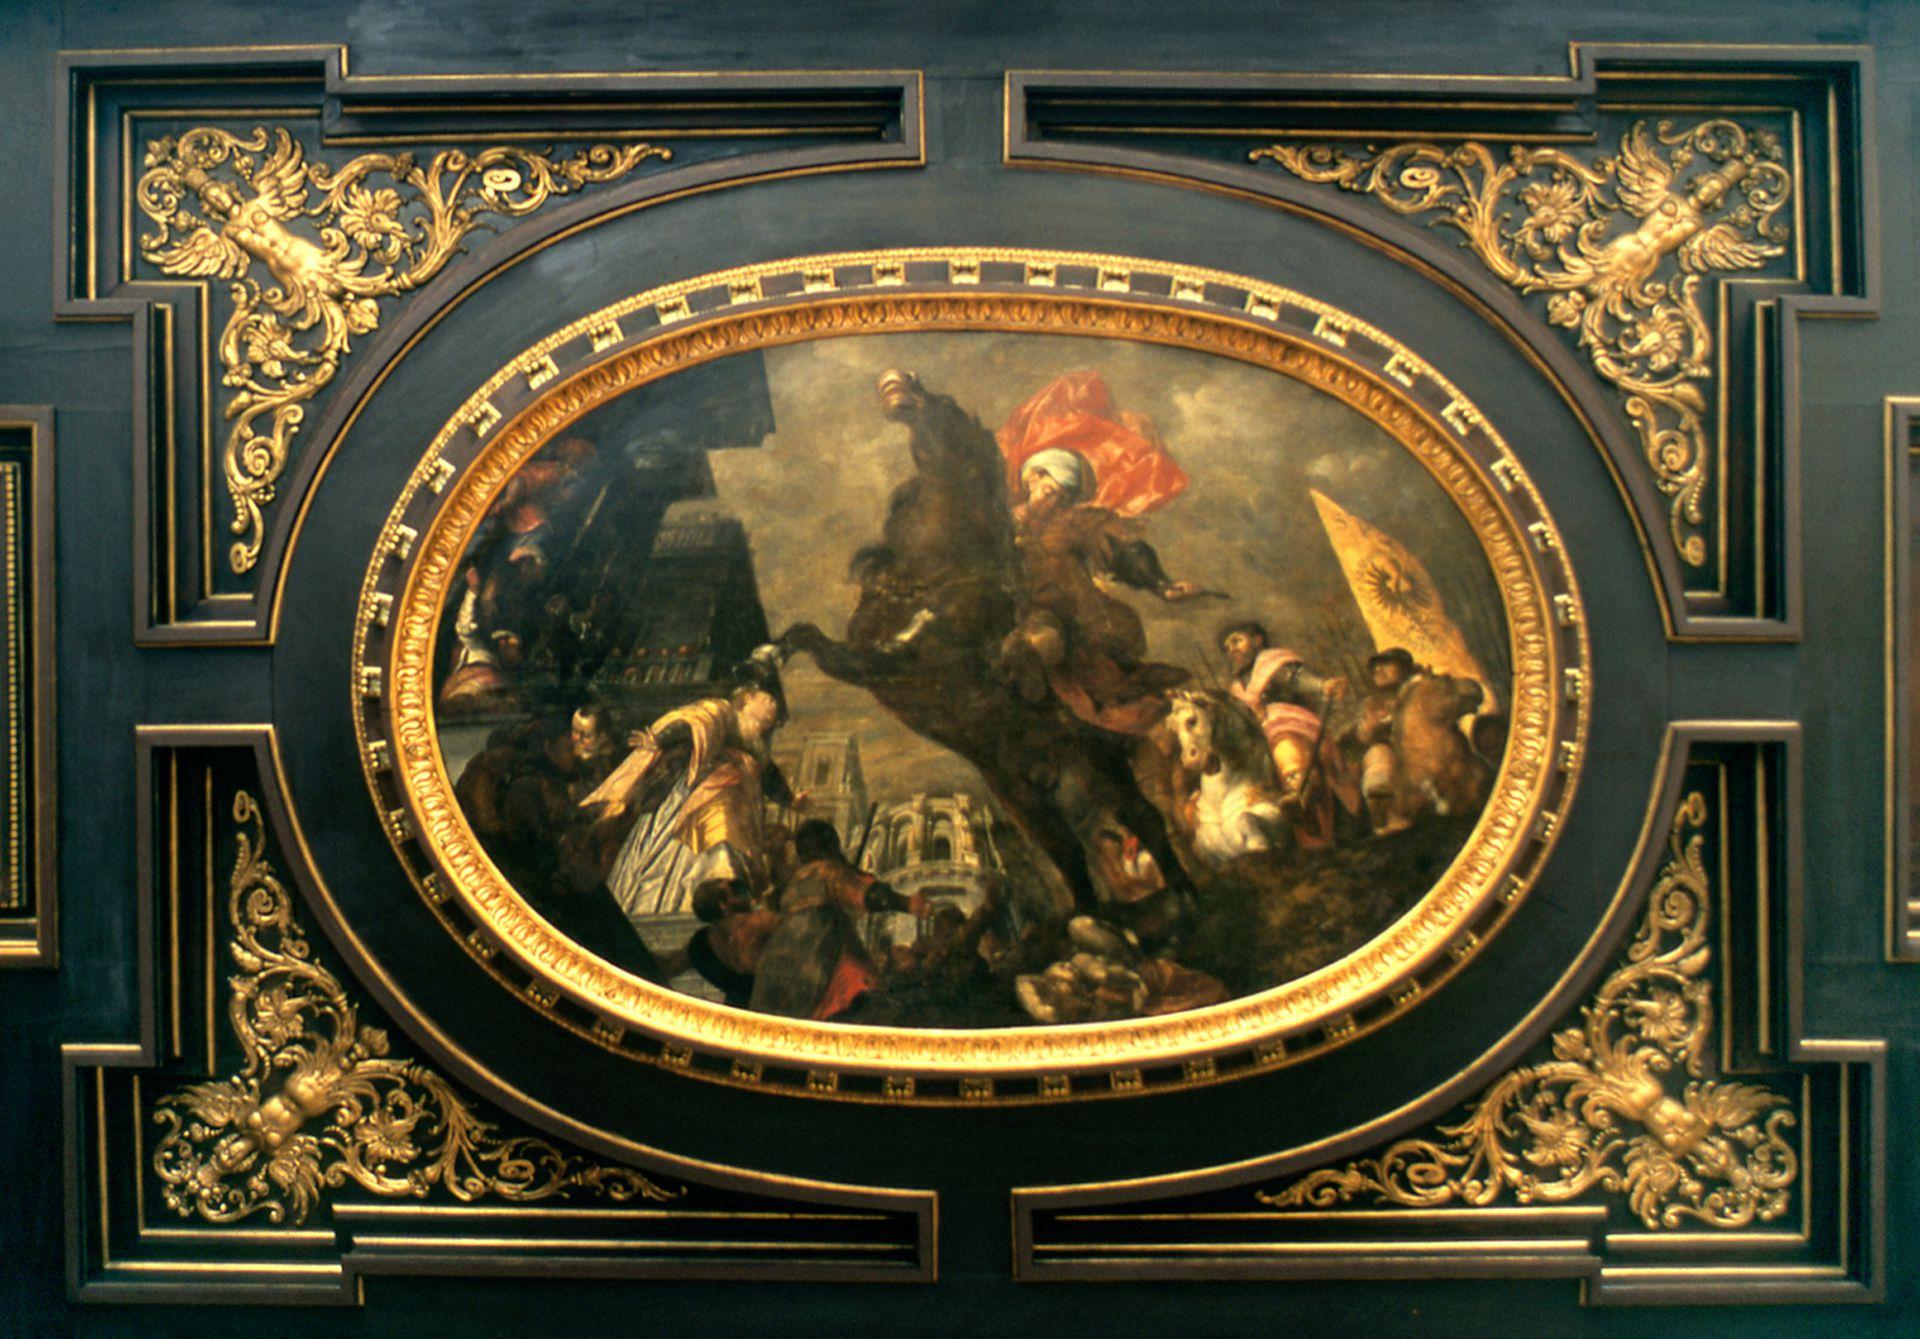 Deckengemälde im Kleinen Rathaussaal Heldentat des Marcus Curtius?